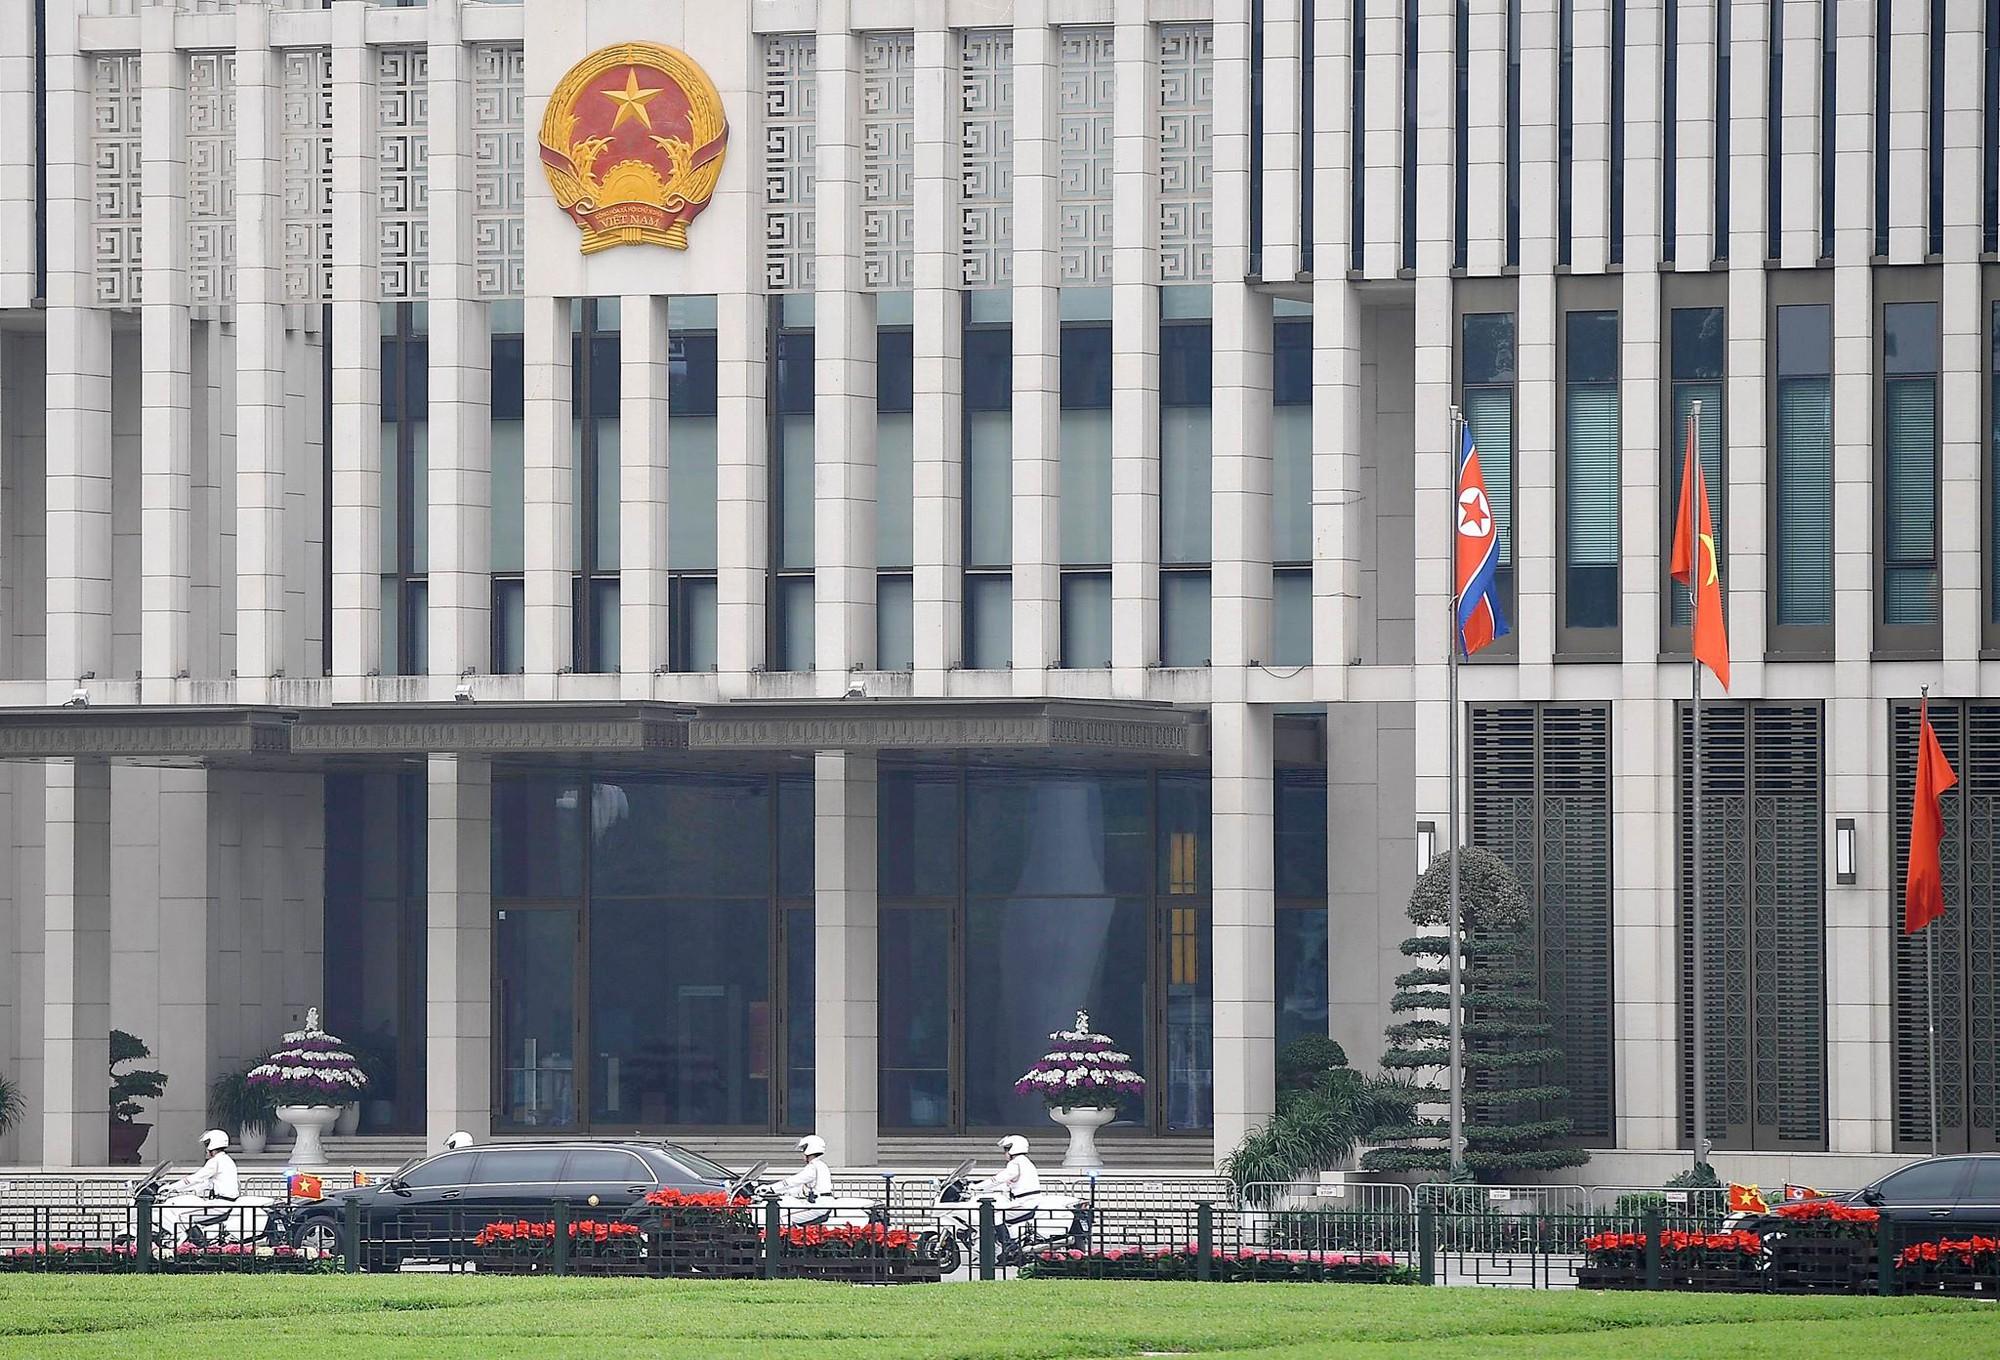 [PHOTO ESSAY] Những khoảnh khắc lịch sử trong chuyến công du Việt Nam đầu tiên của Chủ tịch Kim Jong-un - Ảnh 17.